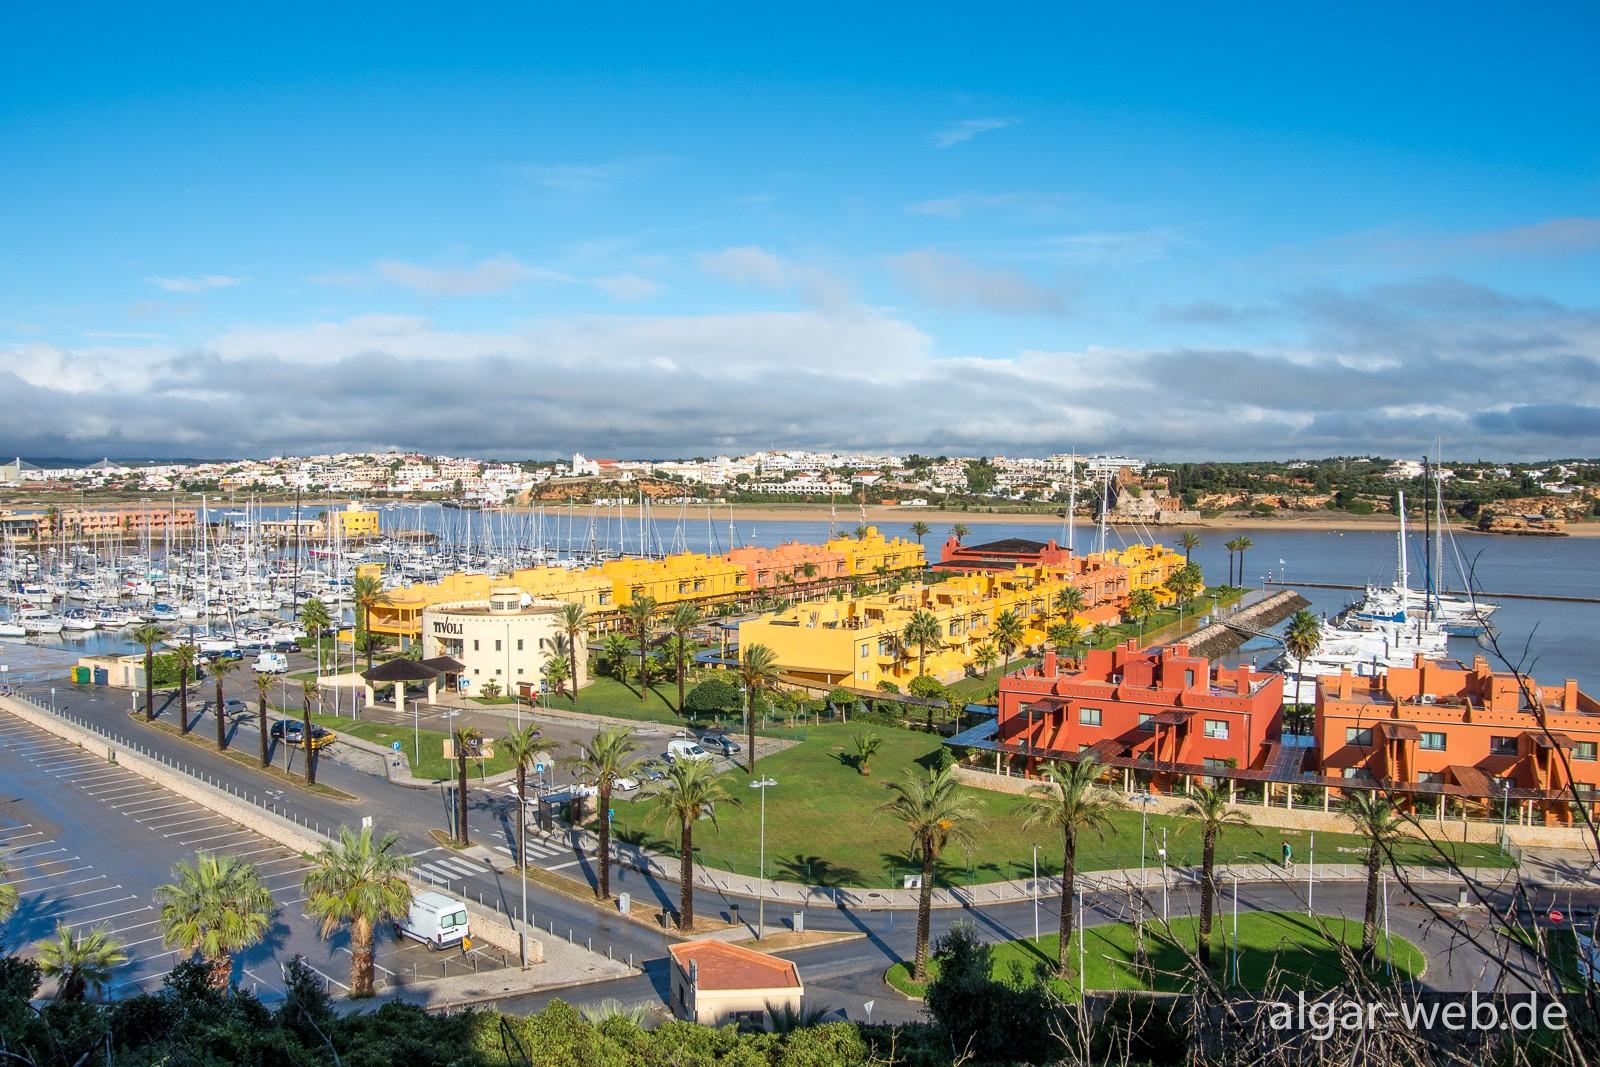 Hotel Tivoli Marina, vom Ort aus gesehen mit Blick Richtung Ferragudo